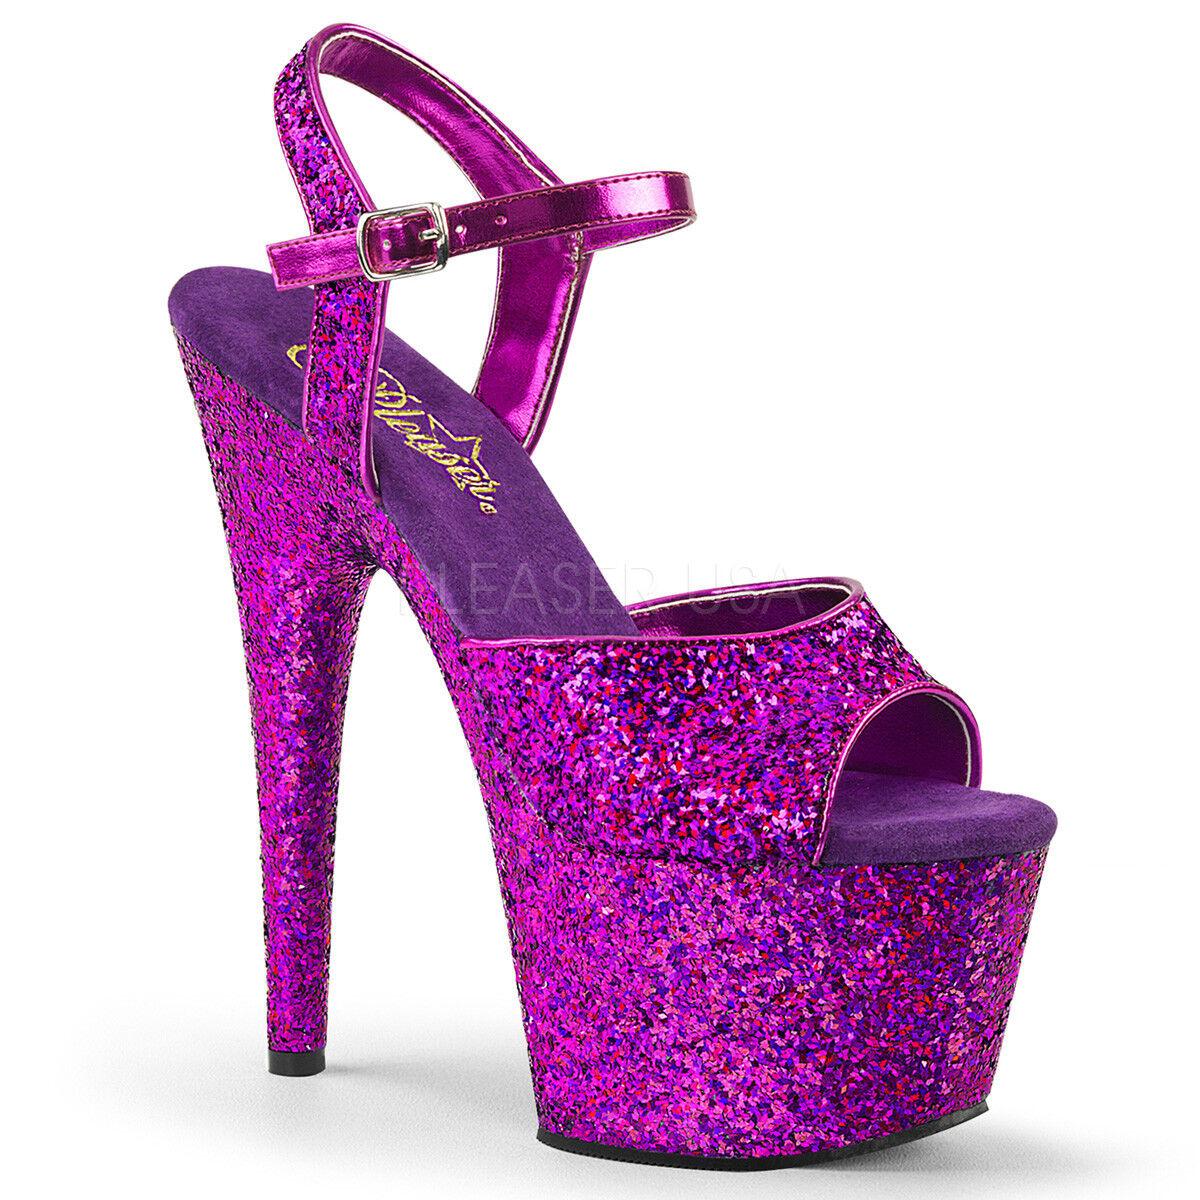 Pleaser Adore - mujer 710LG brillo púrpura para mujer - Tacones Altos Plataformas Sandalias De Holograma 8ec82a